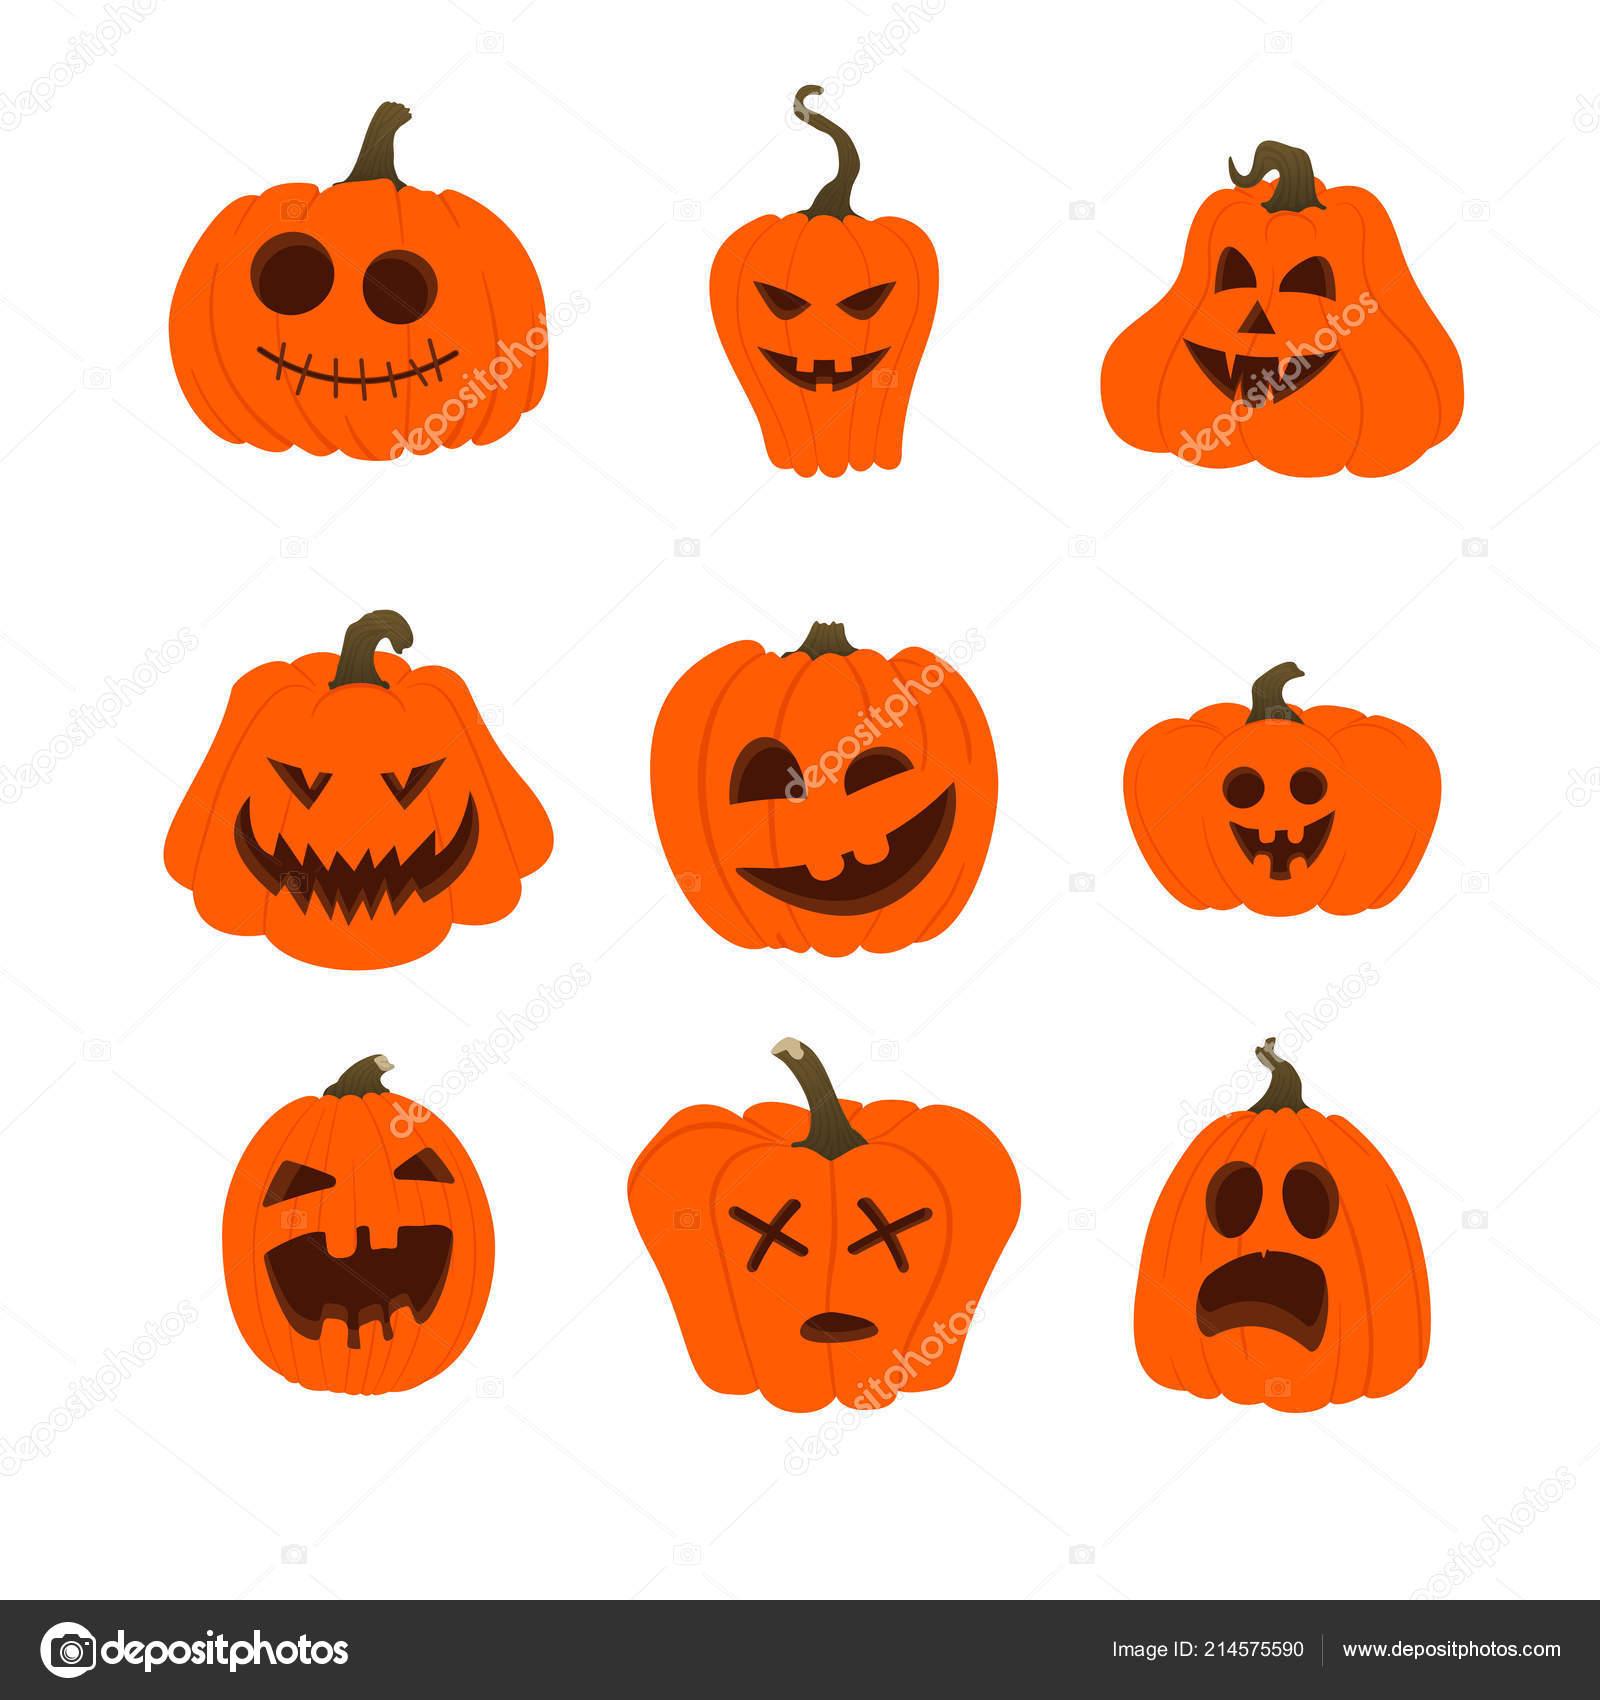 Facce Zucche Di Halloween.Set Icone Vettore Halloween Zucche Arancioni Semplice Con Facce